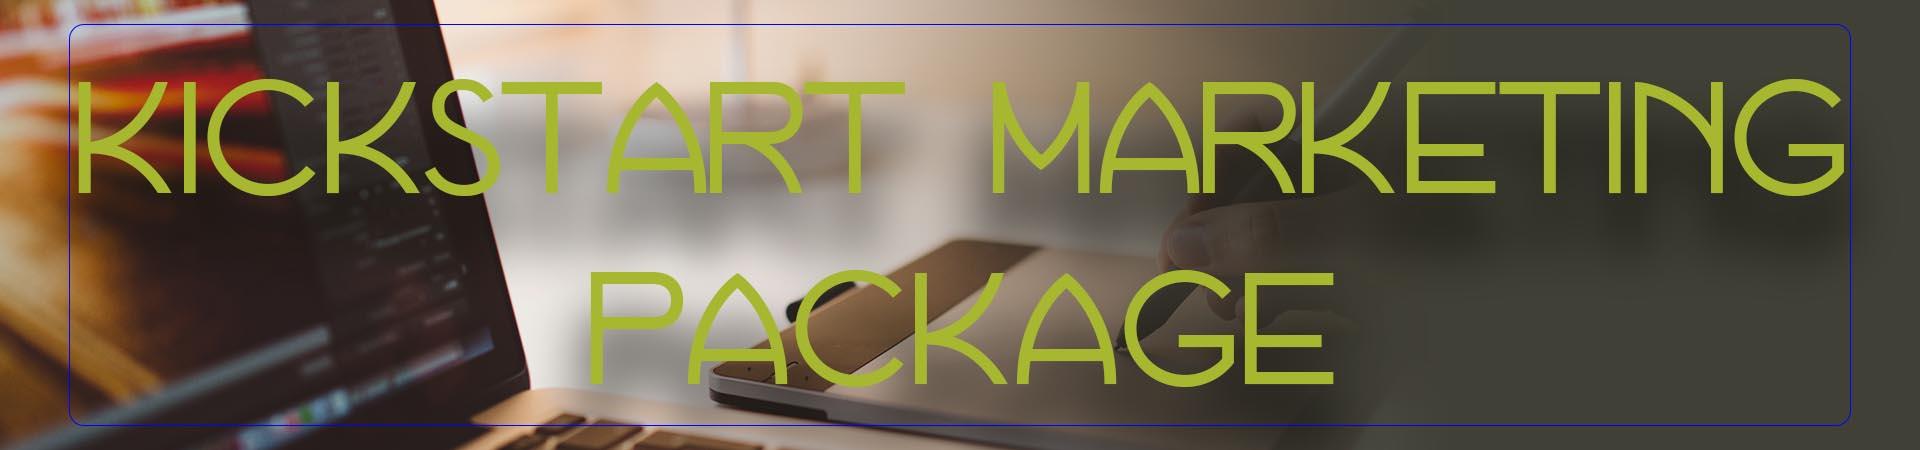 Kickstart marketing package | empower marketing